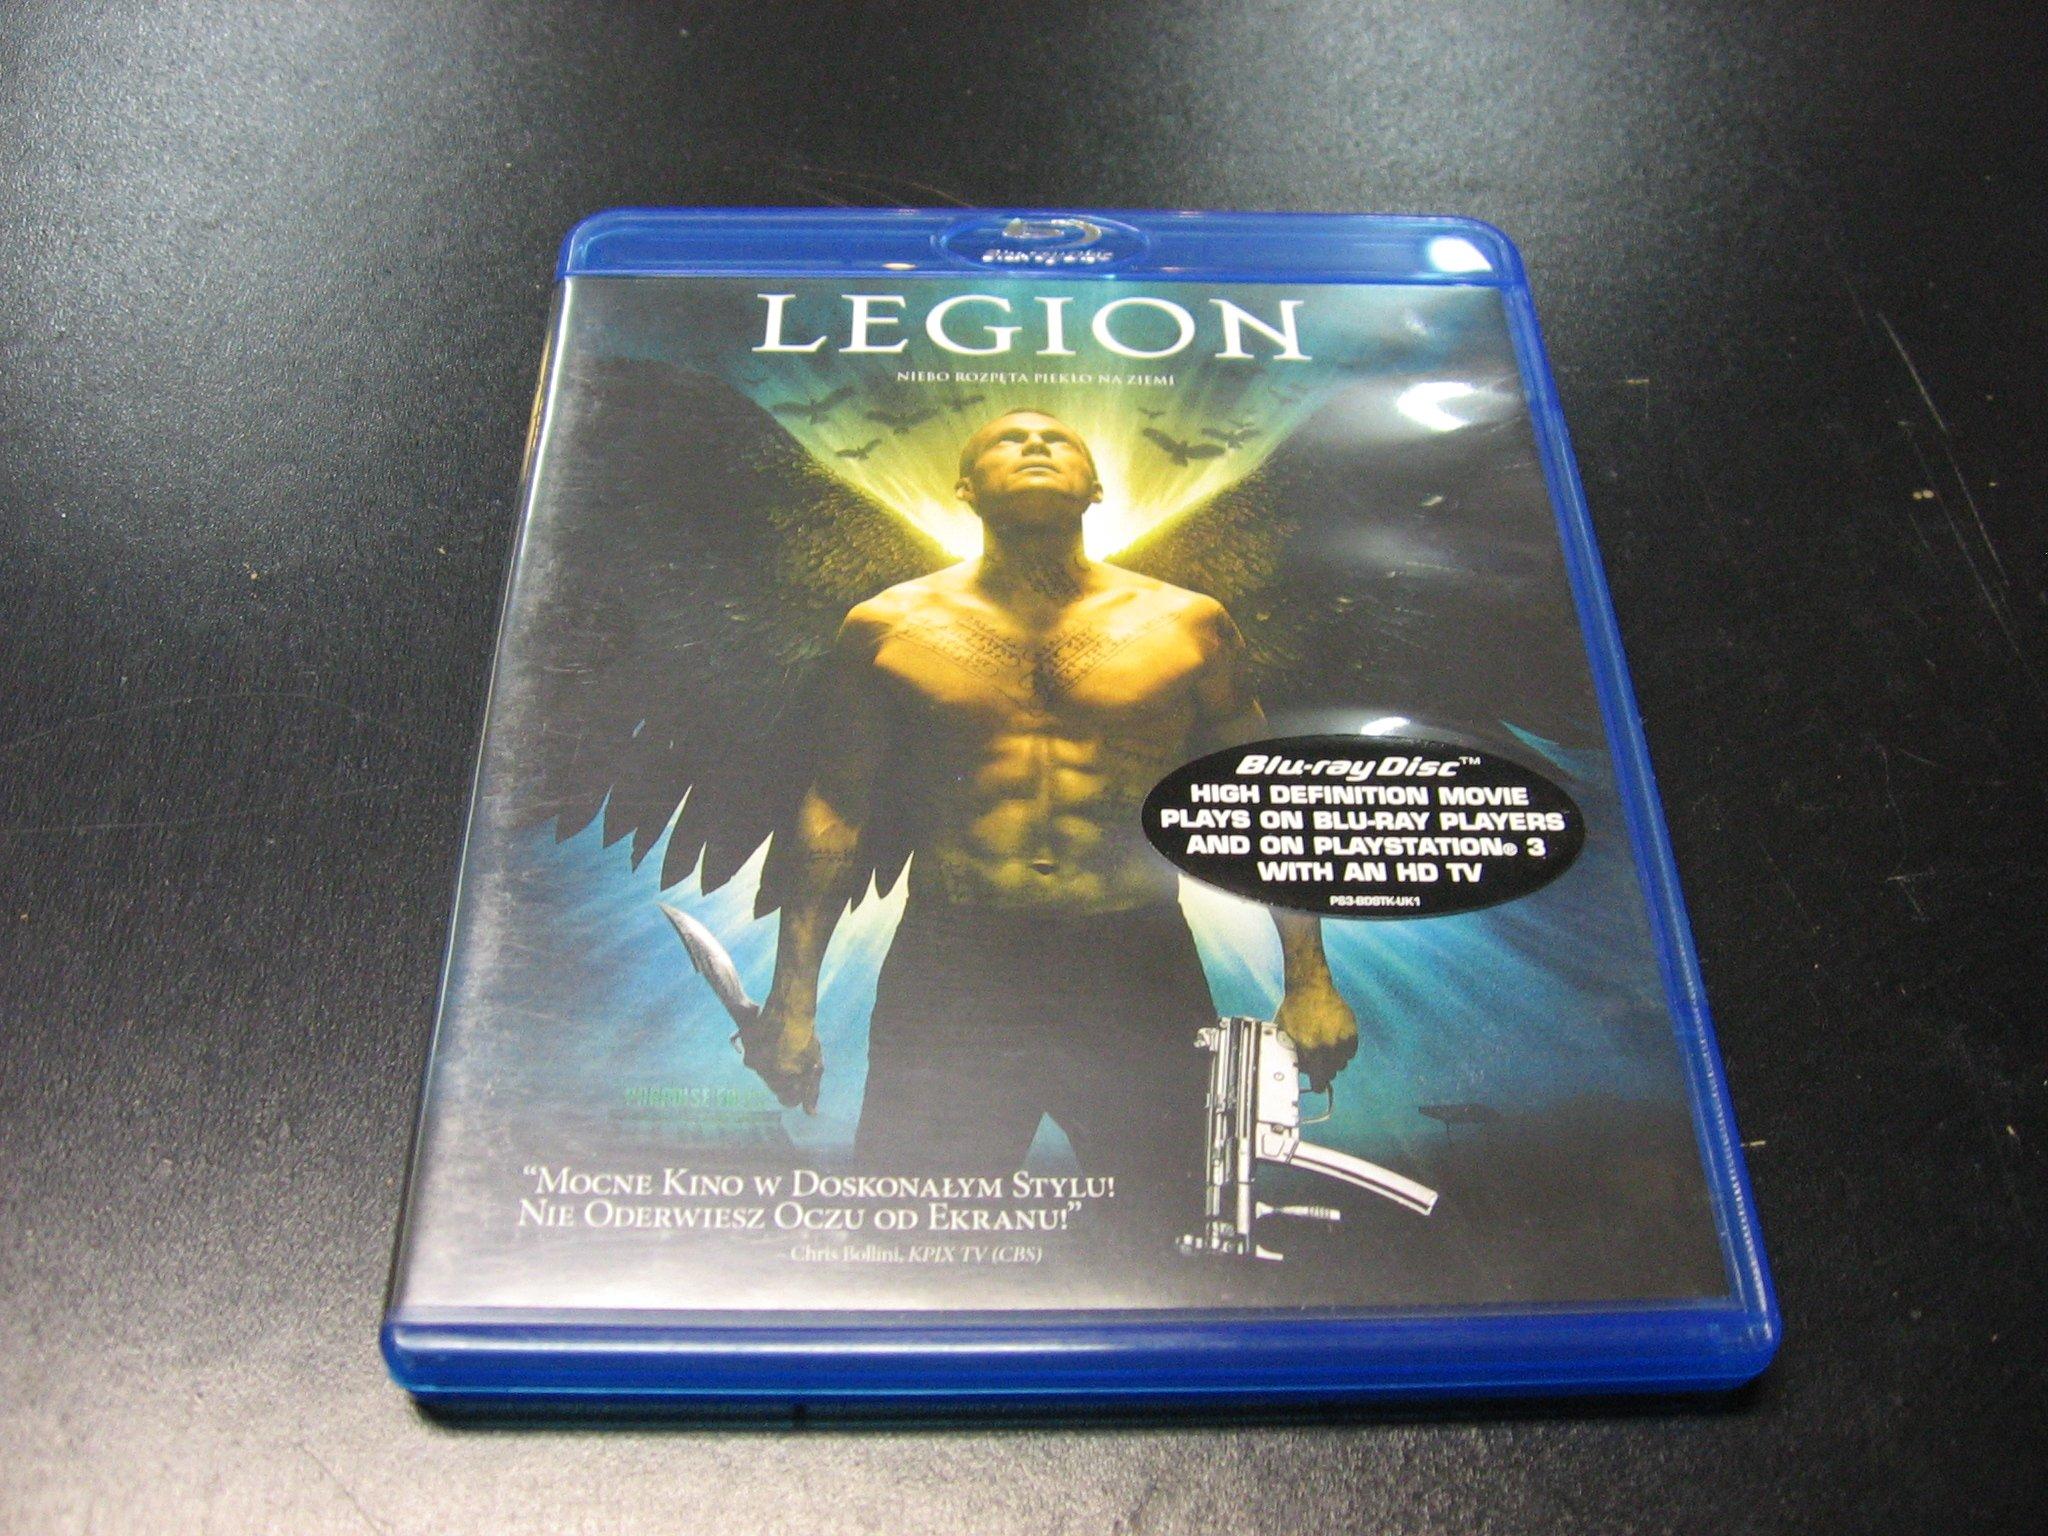 LEGION 011 `````````` Blu-rey ```````````` Opole